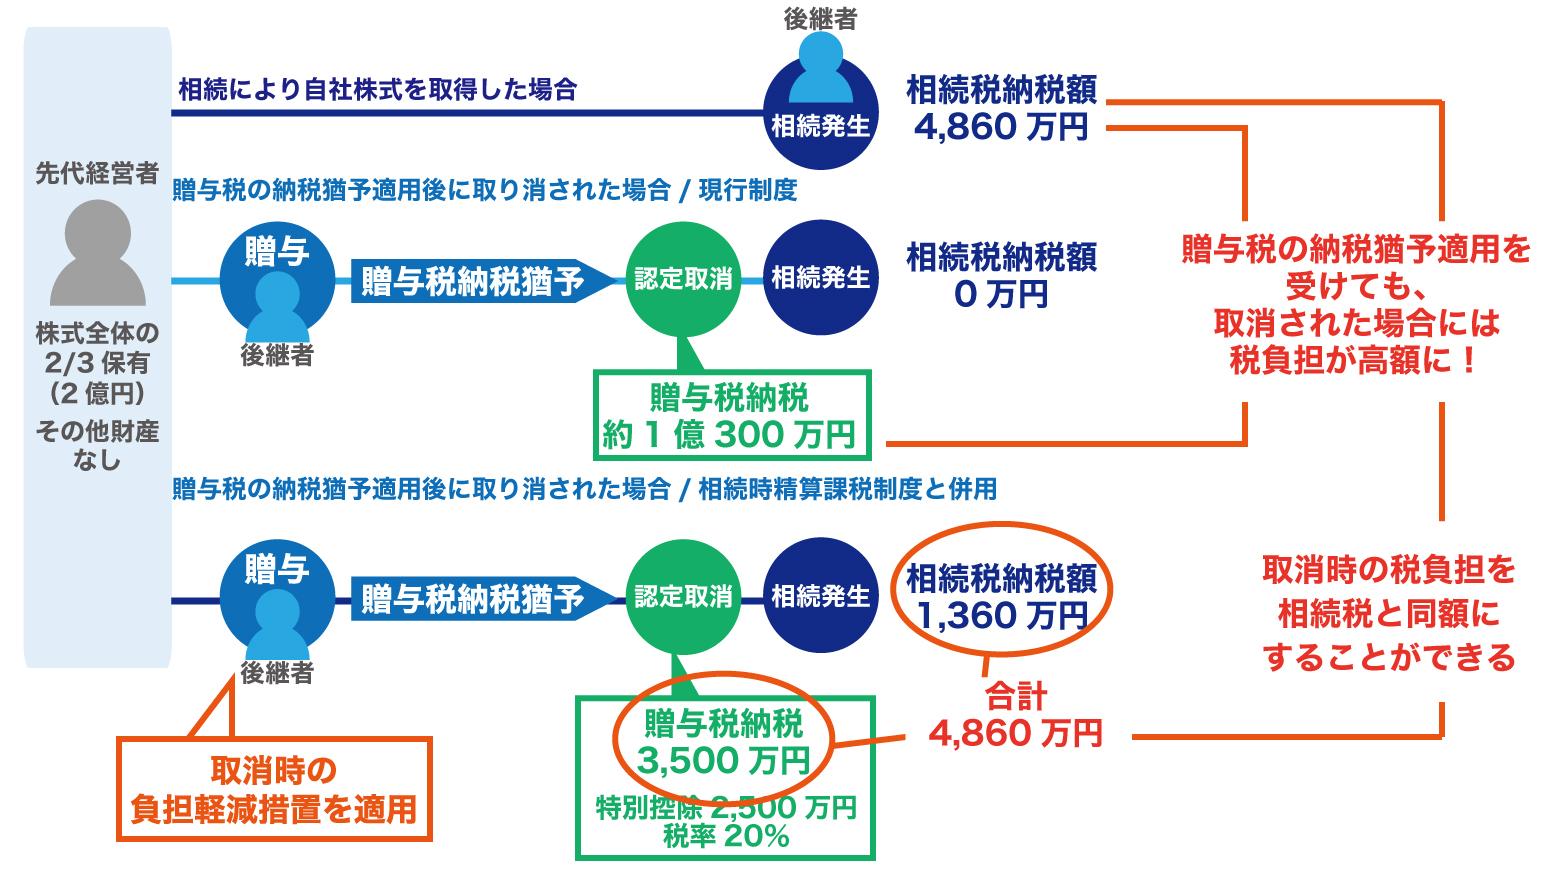 平成29年度税制改正のポイント~中小企業・小規模事業者関係~